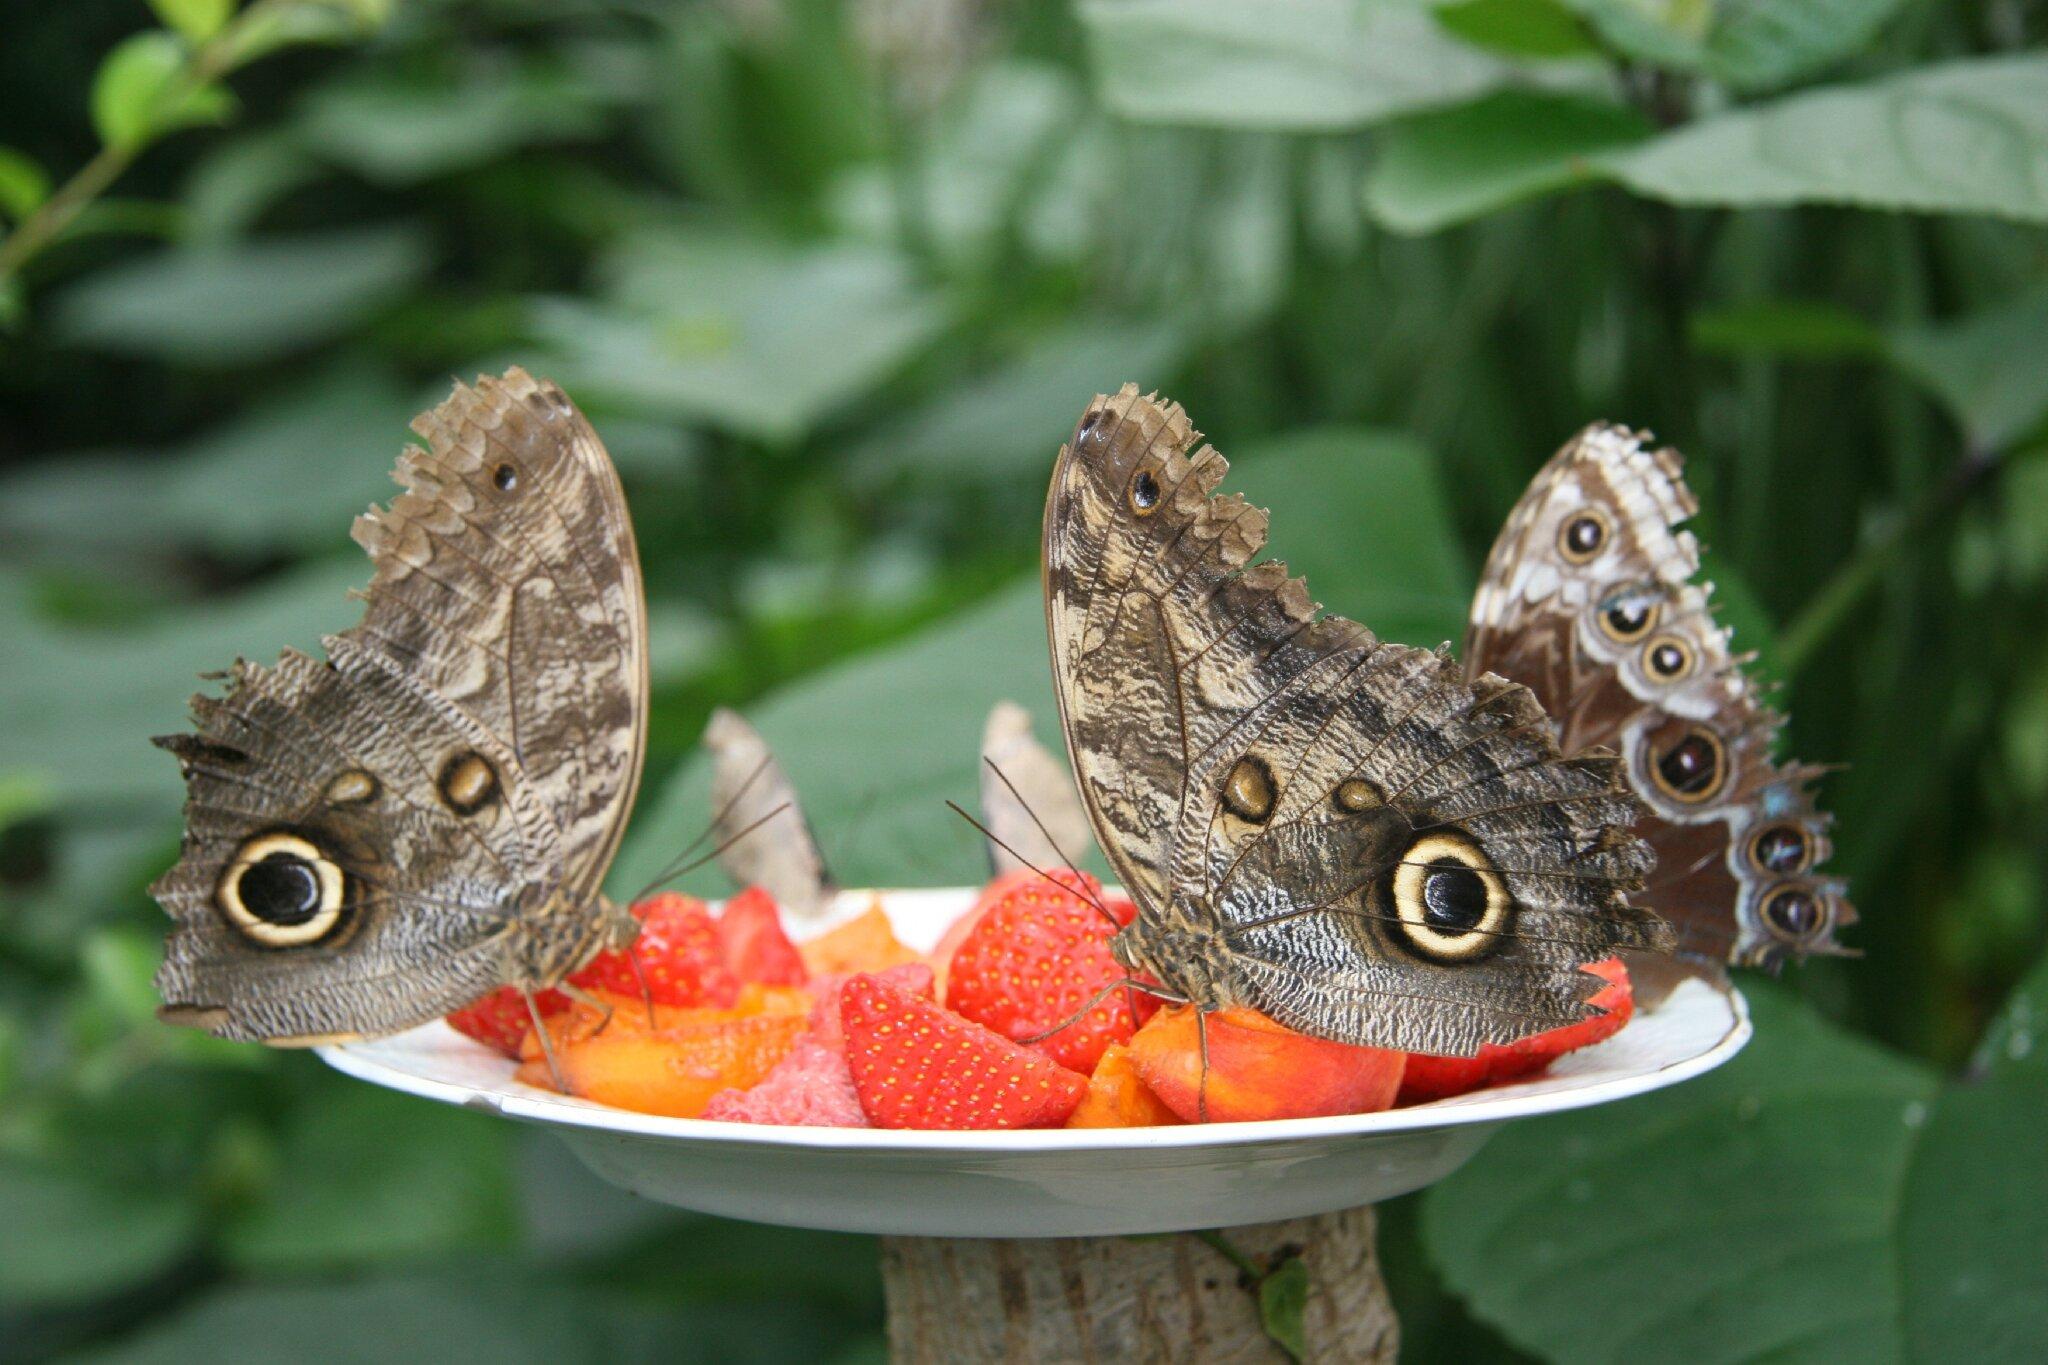 Le papillon hibou/ Owl butterfly